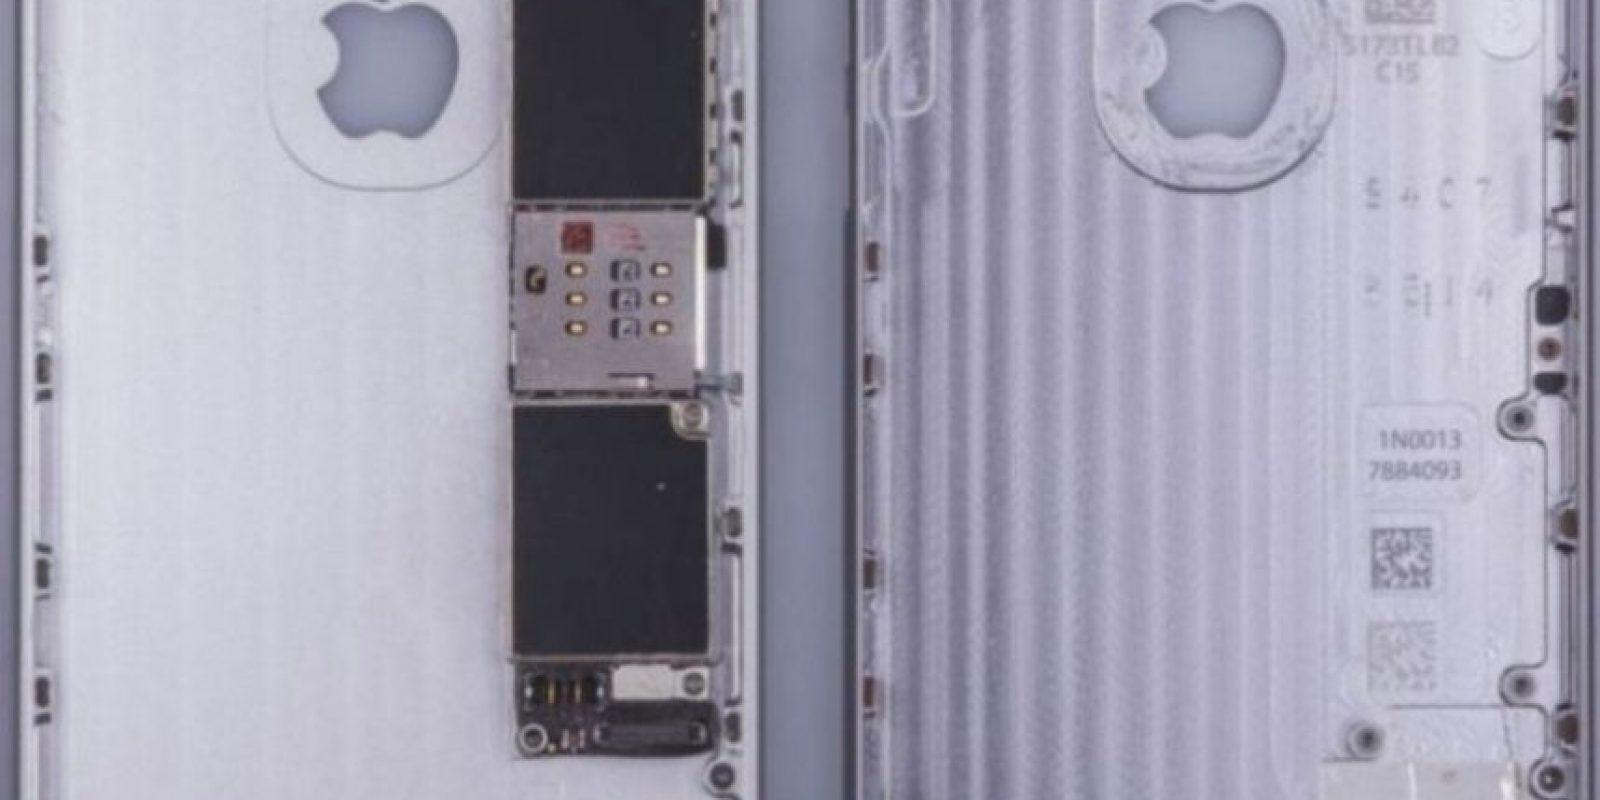 Se trata de la nueva versión del procesador de Apple, mismo que ayudará al dispositivo para ser más rápido y eficiente. Foto:Tumblr